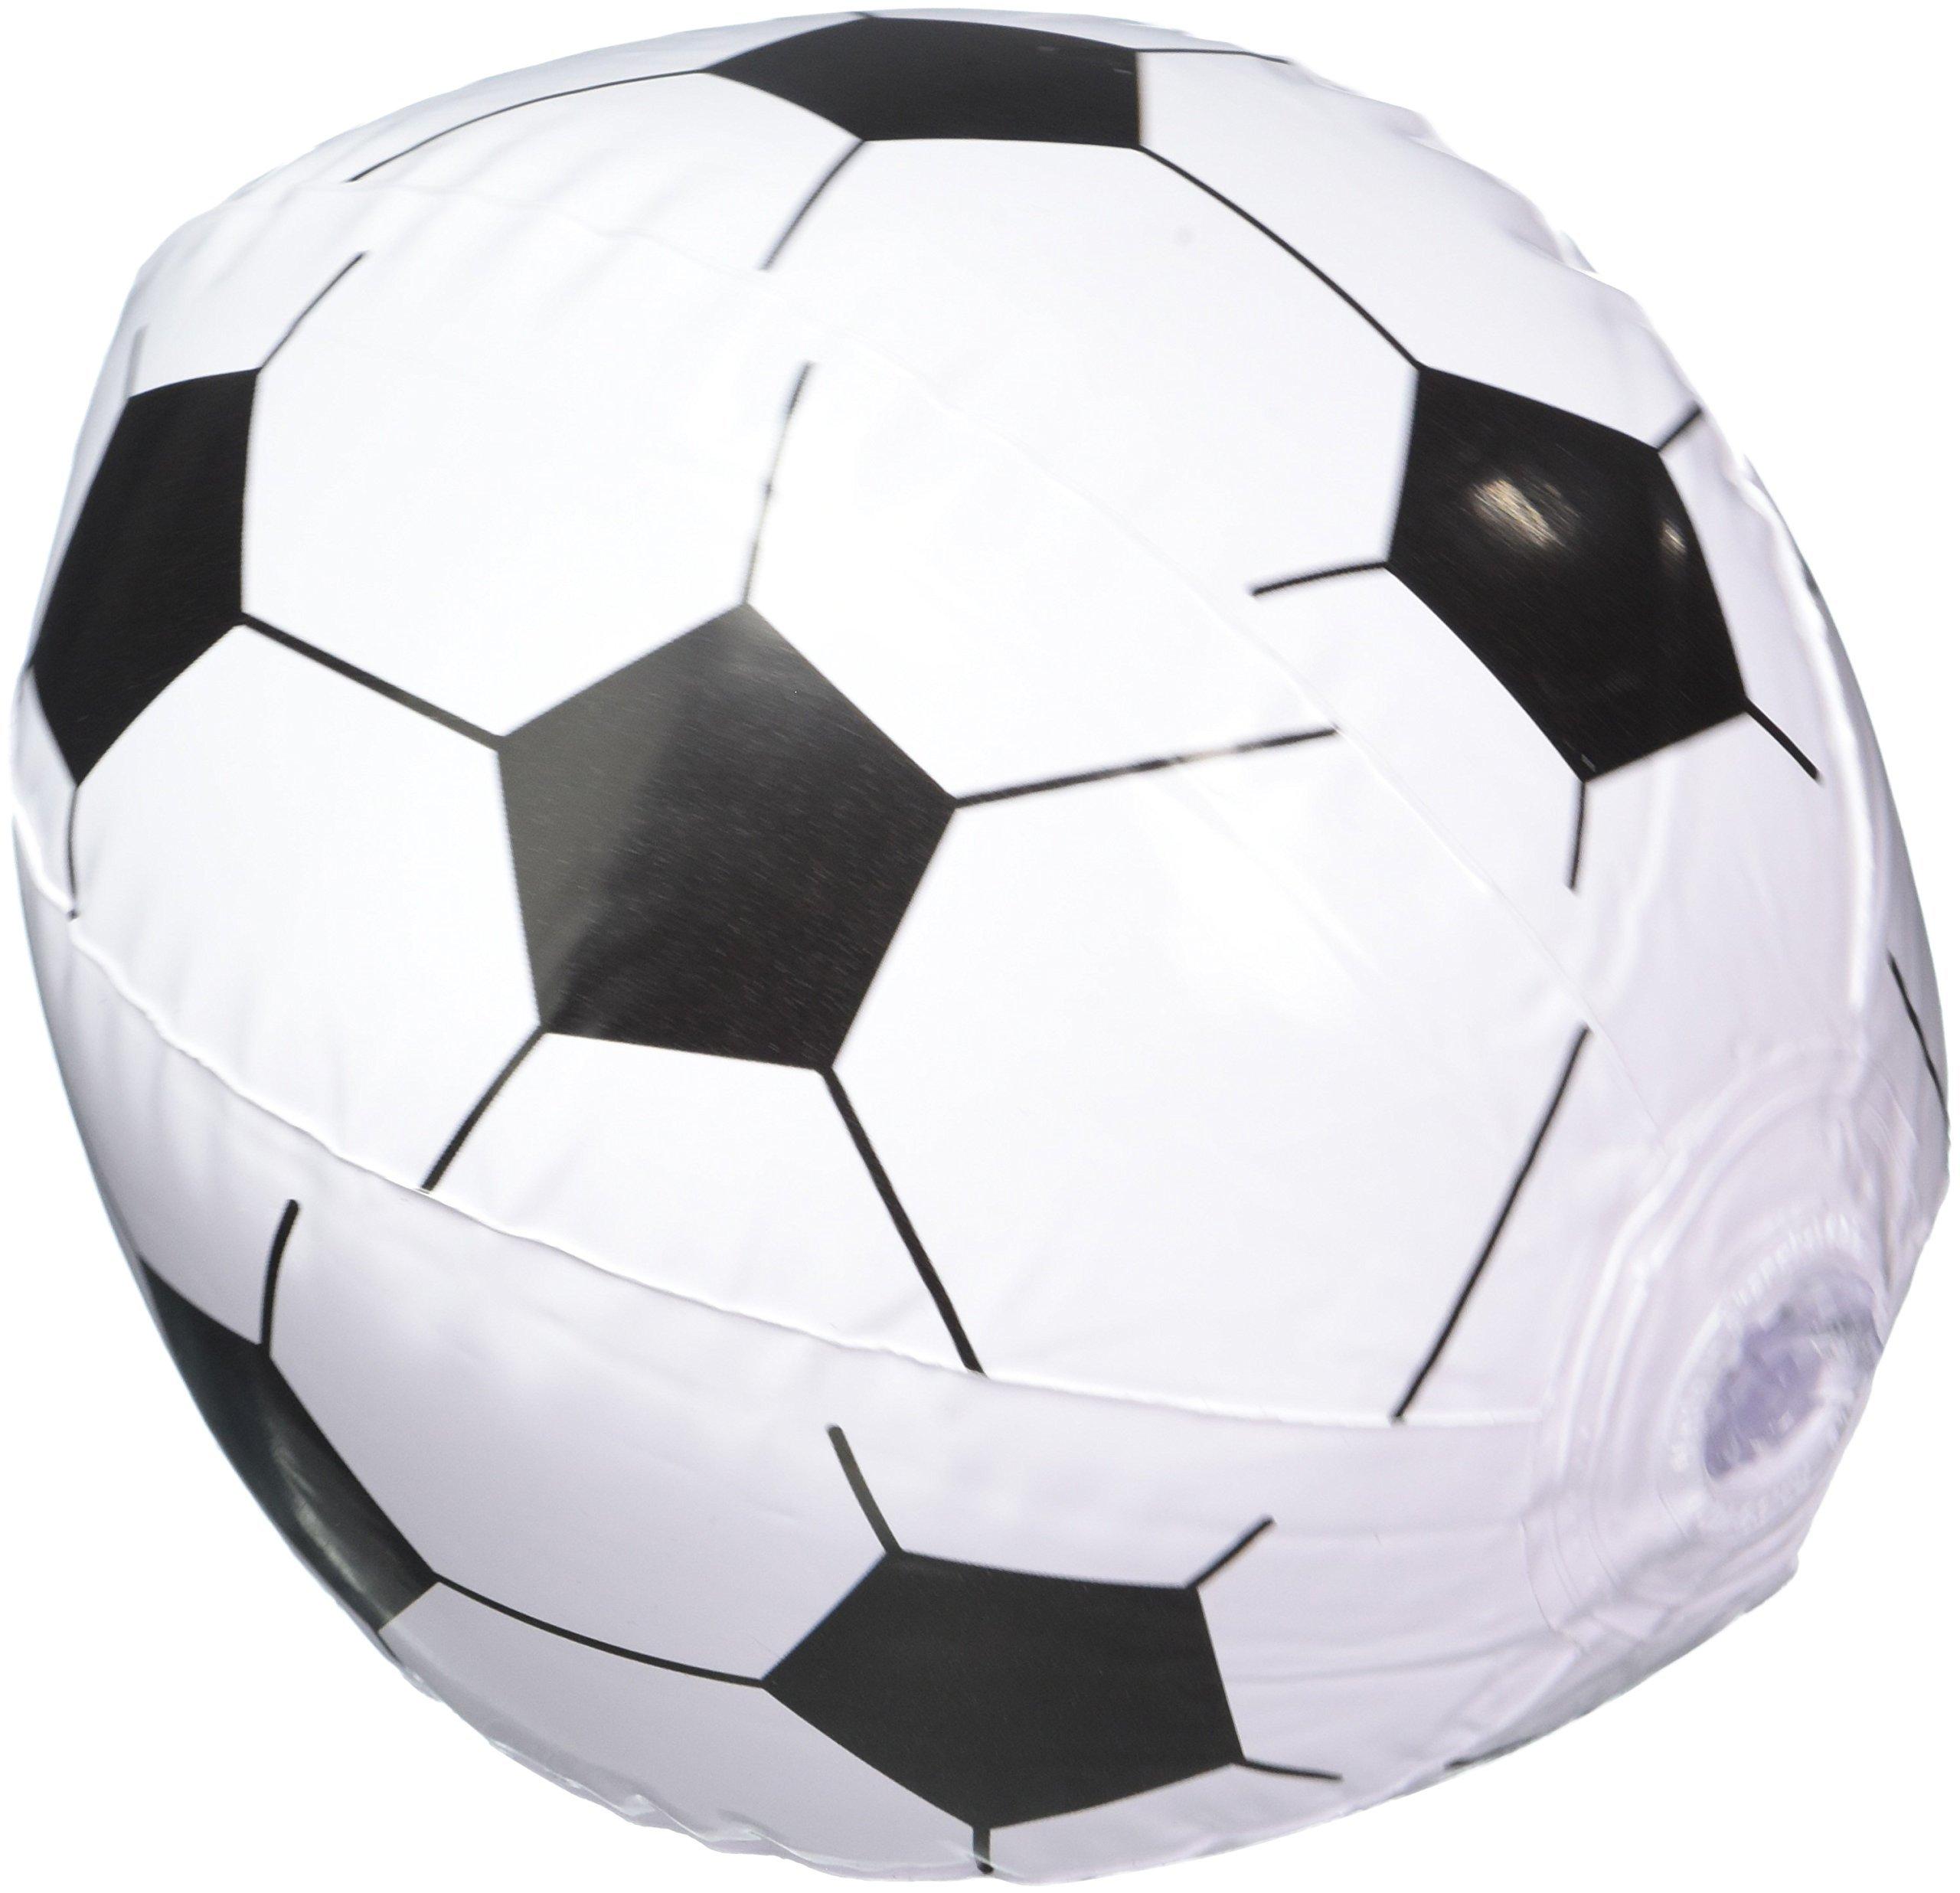 Amazon.com: 12 Soccer Ball Beach Balls Inflatable Fun Toy 1 Dozen ...